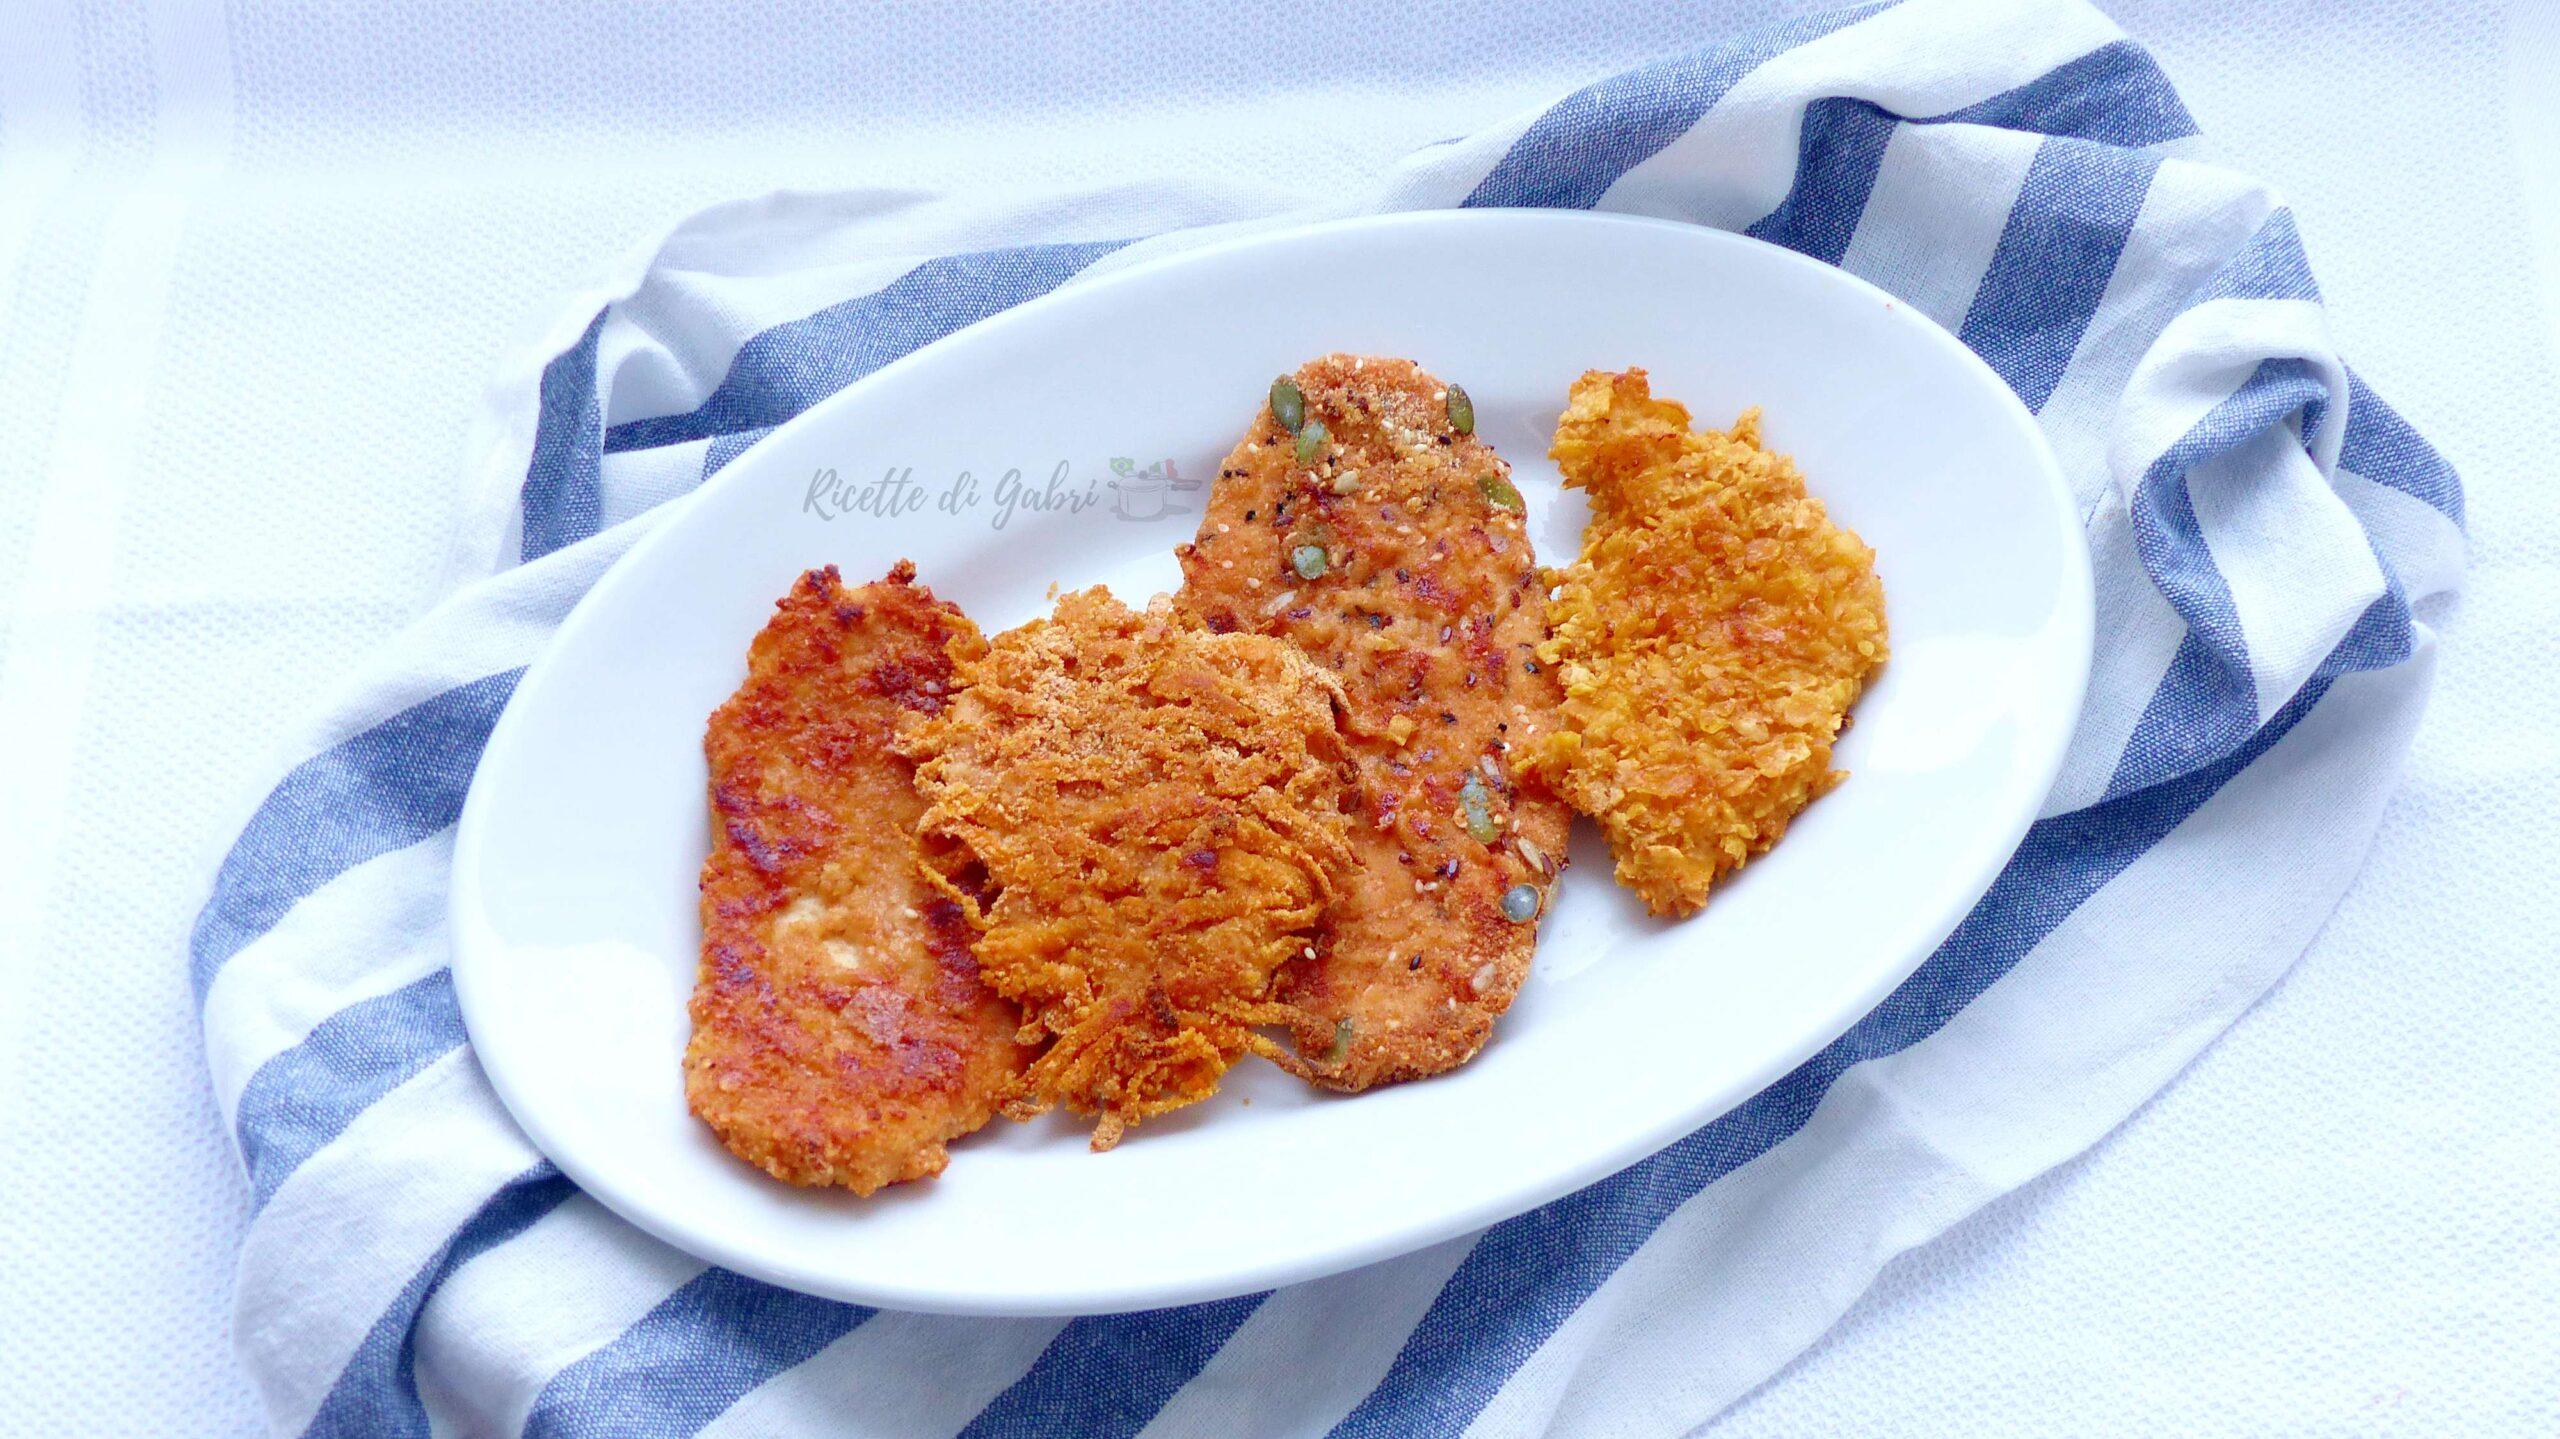 cotolette di pollo al forno senza uova ricetta facile panature sfiziose